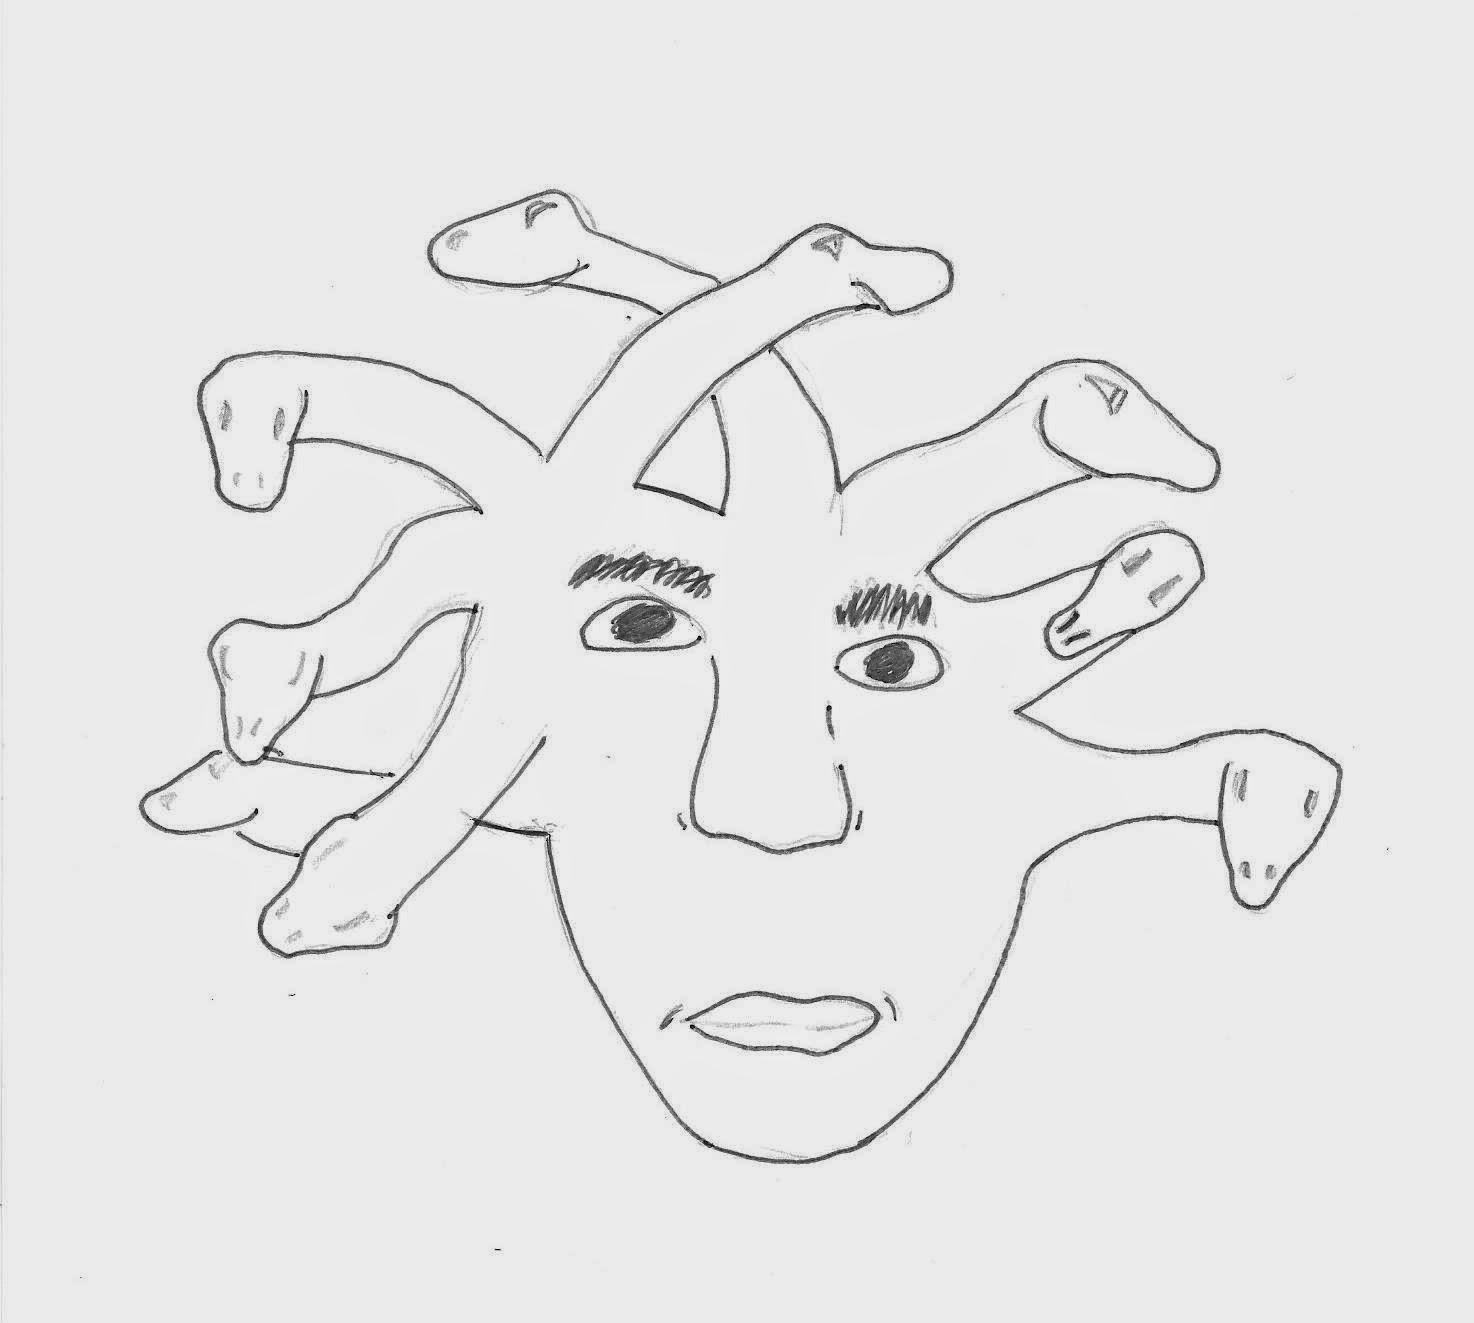 Mitología Griega Y Dibujos Medusa